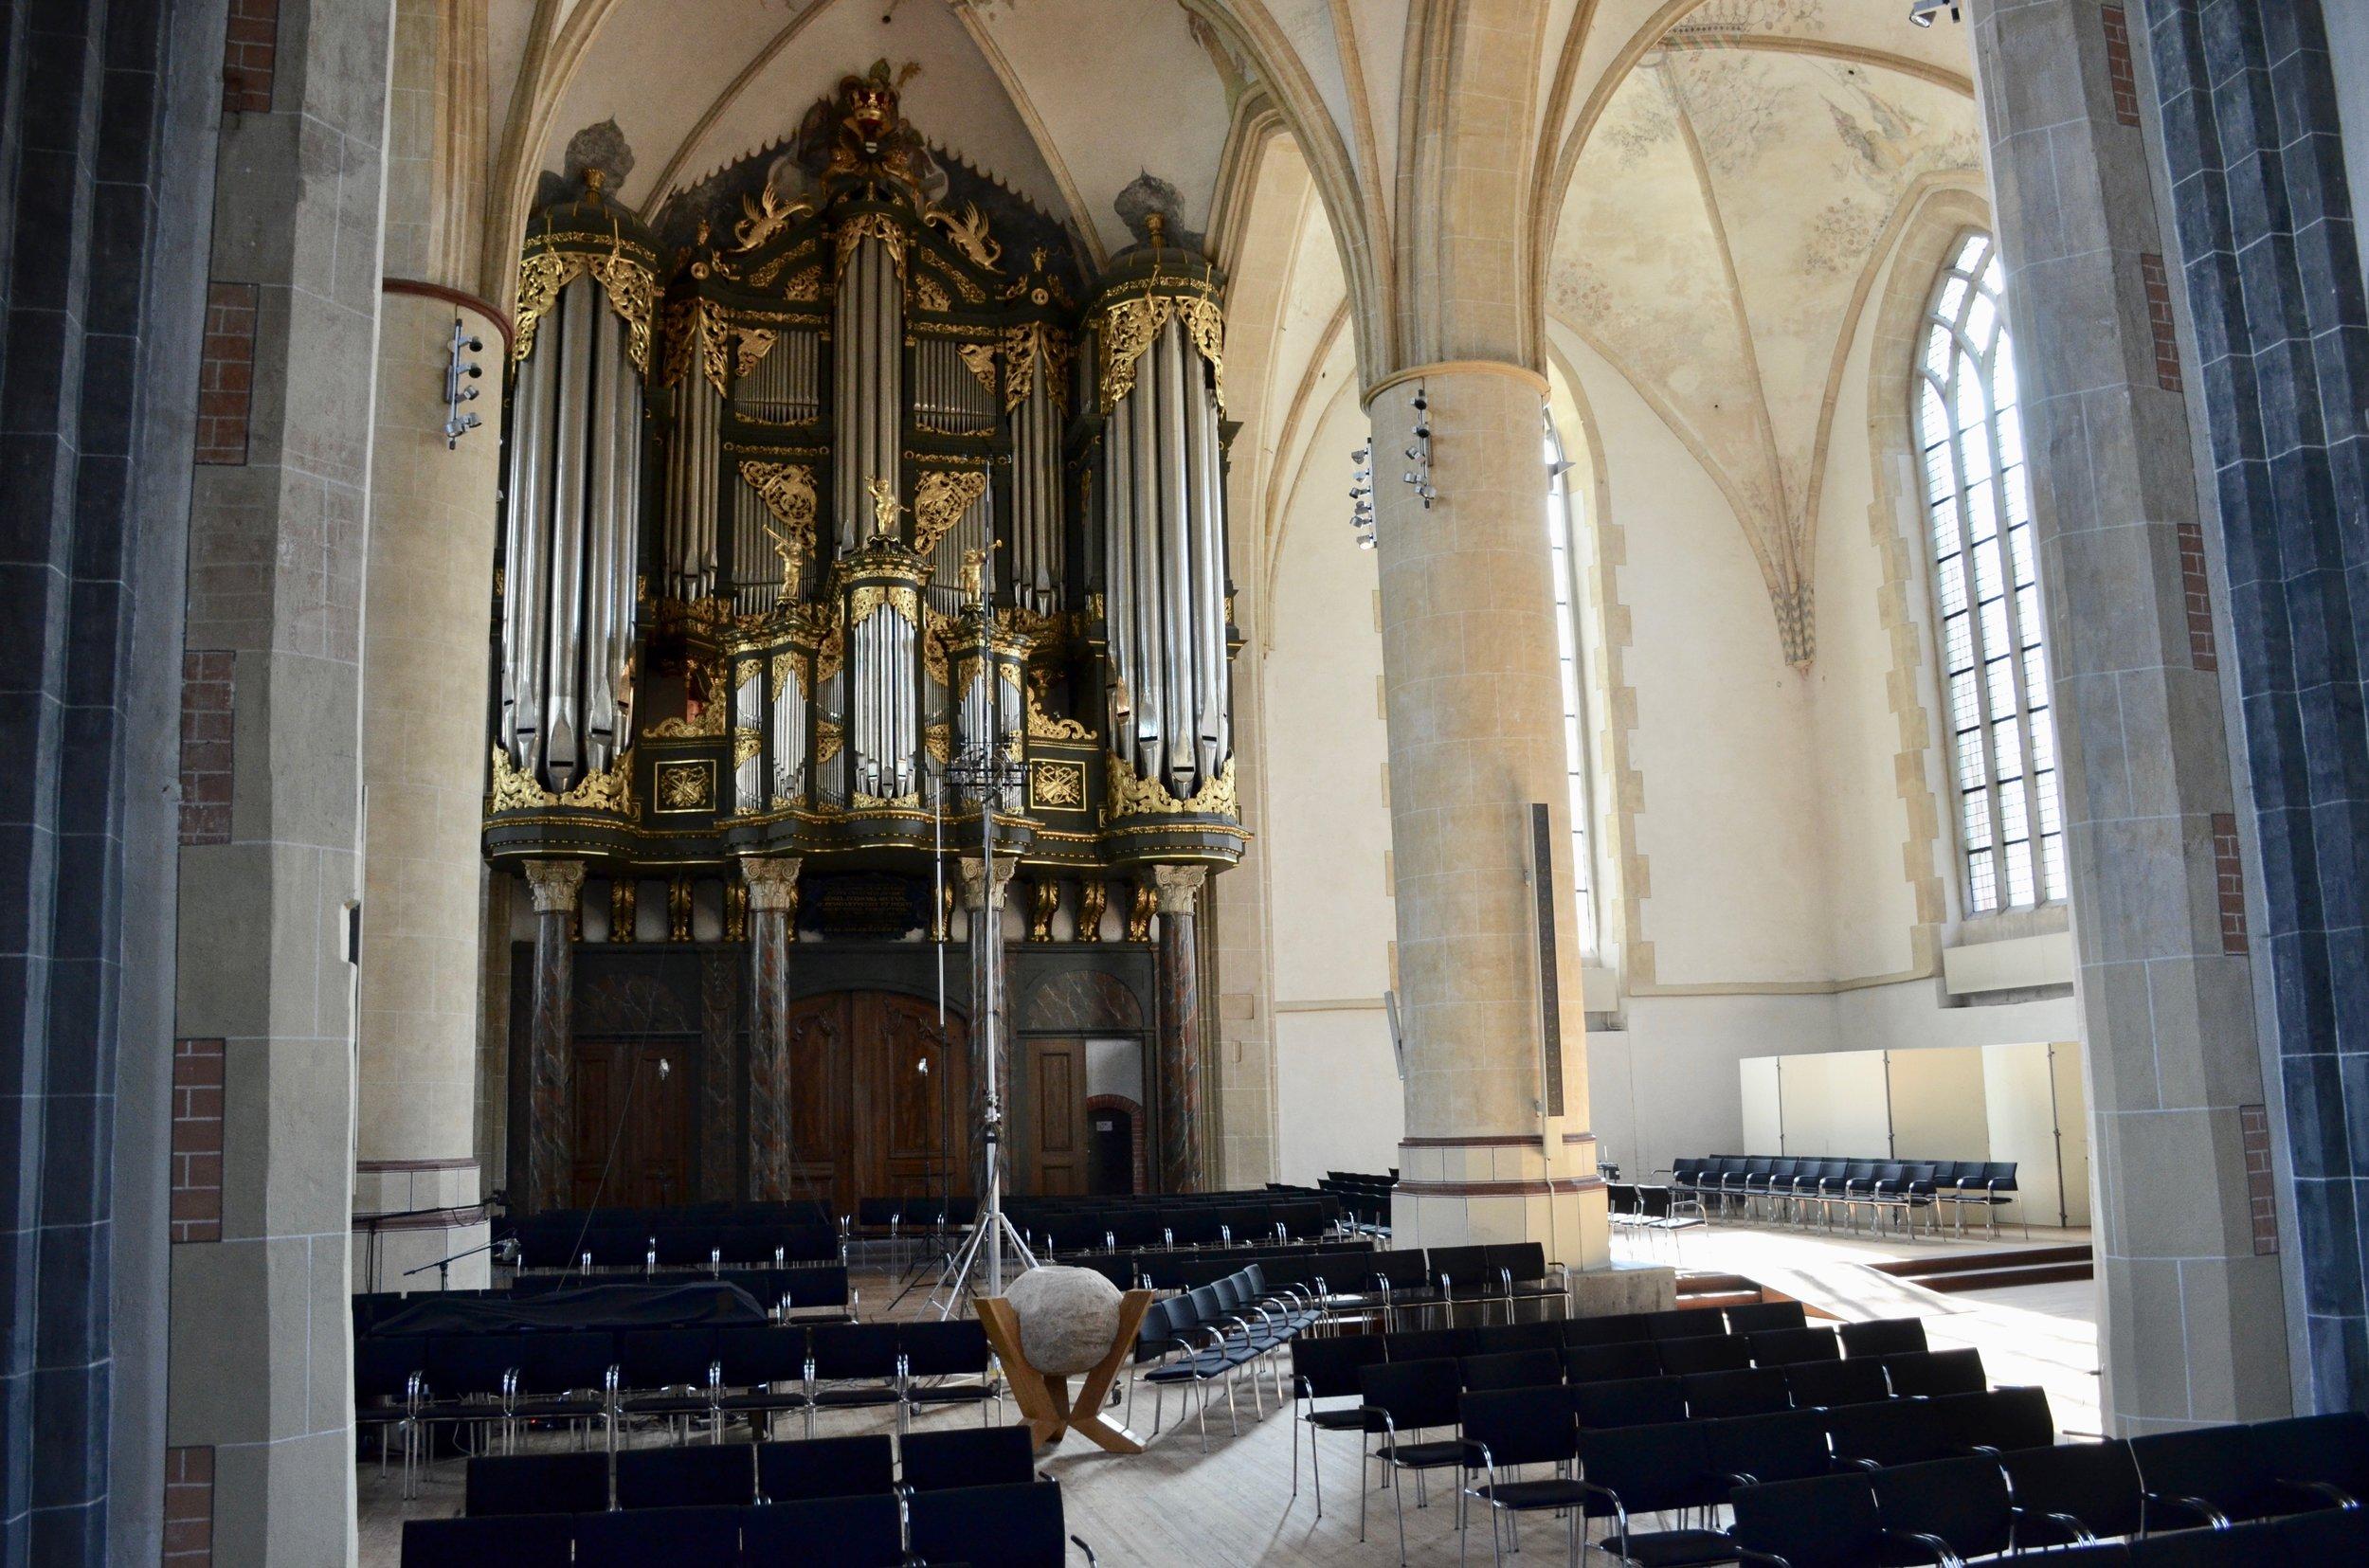 1692 Arp Schnitger pipe organ, Martinikerk, Groningen.